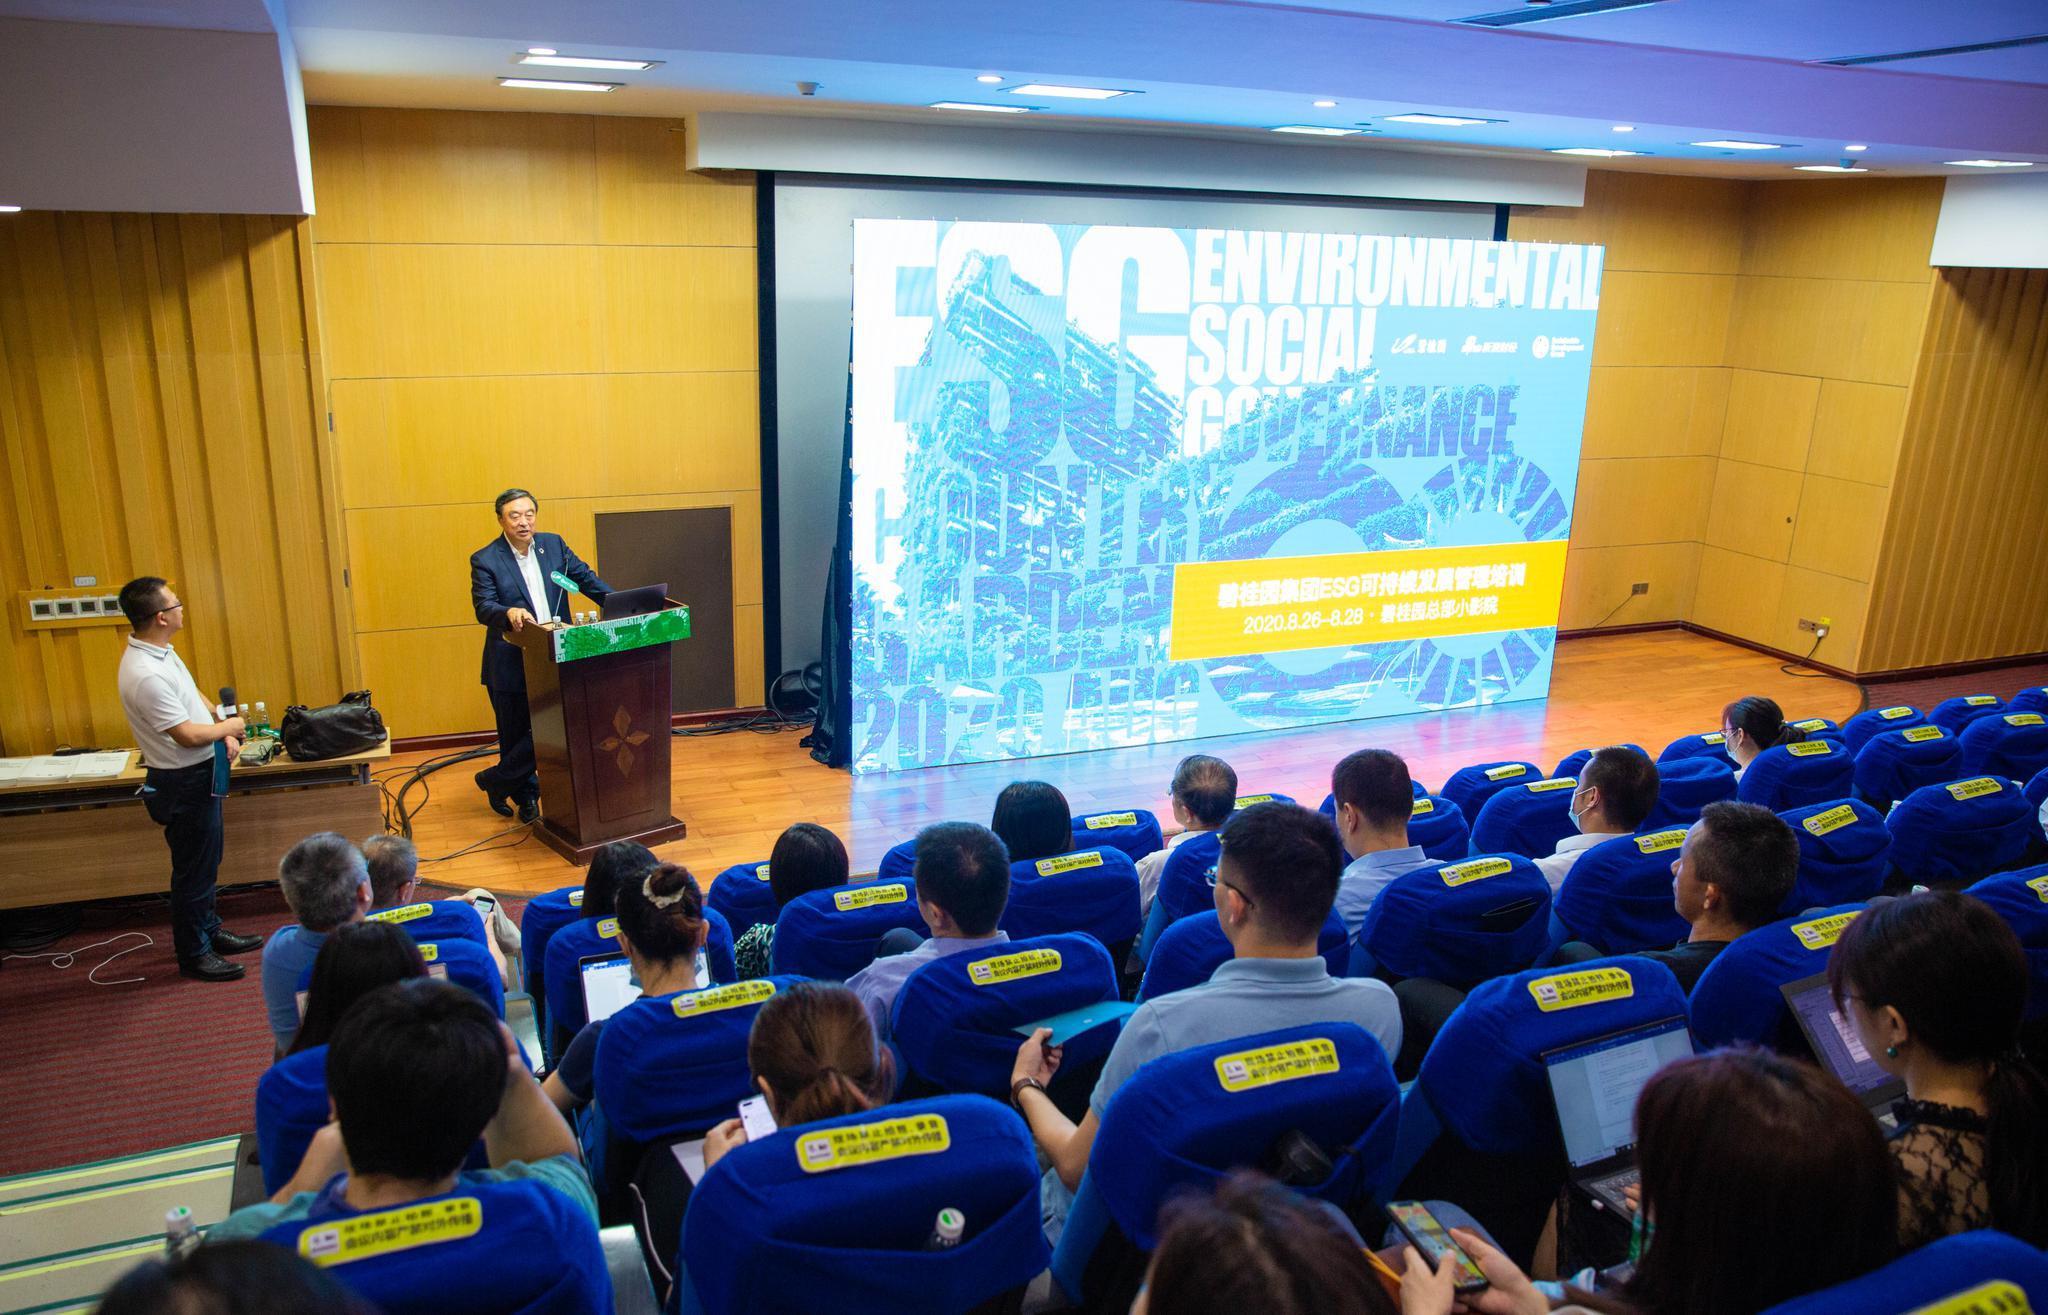 重量级专家走进碧桂园 ESG可持续发展管理培训开启帷幕